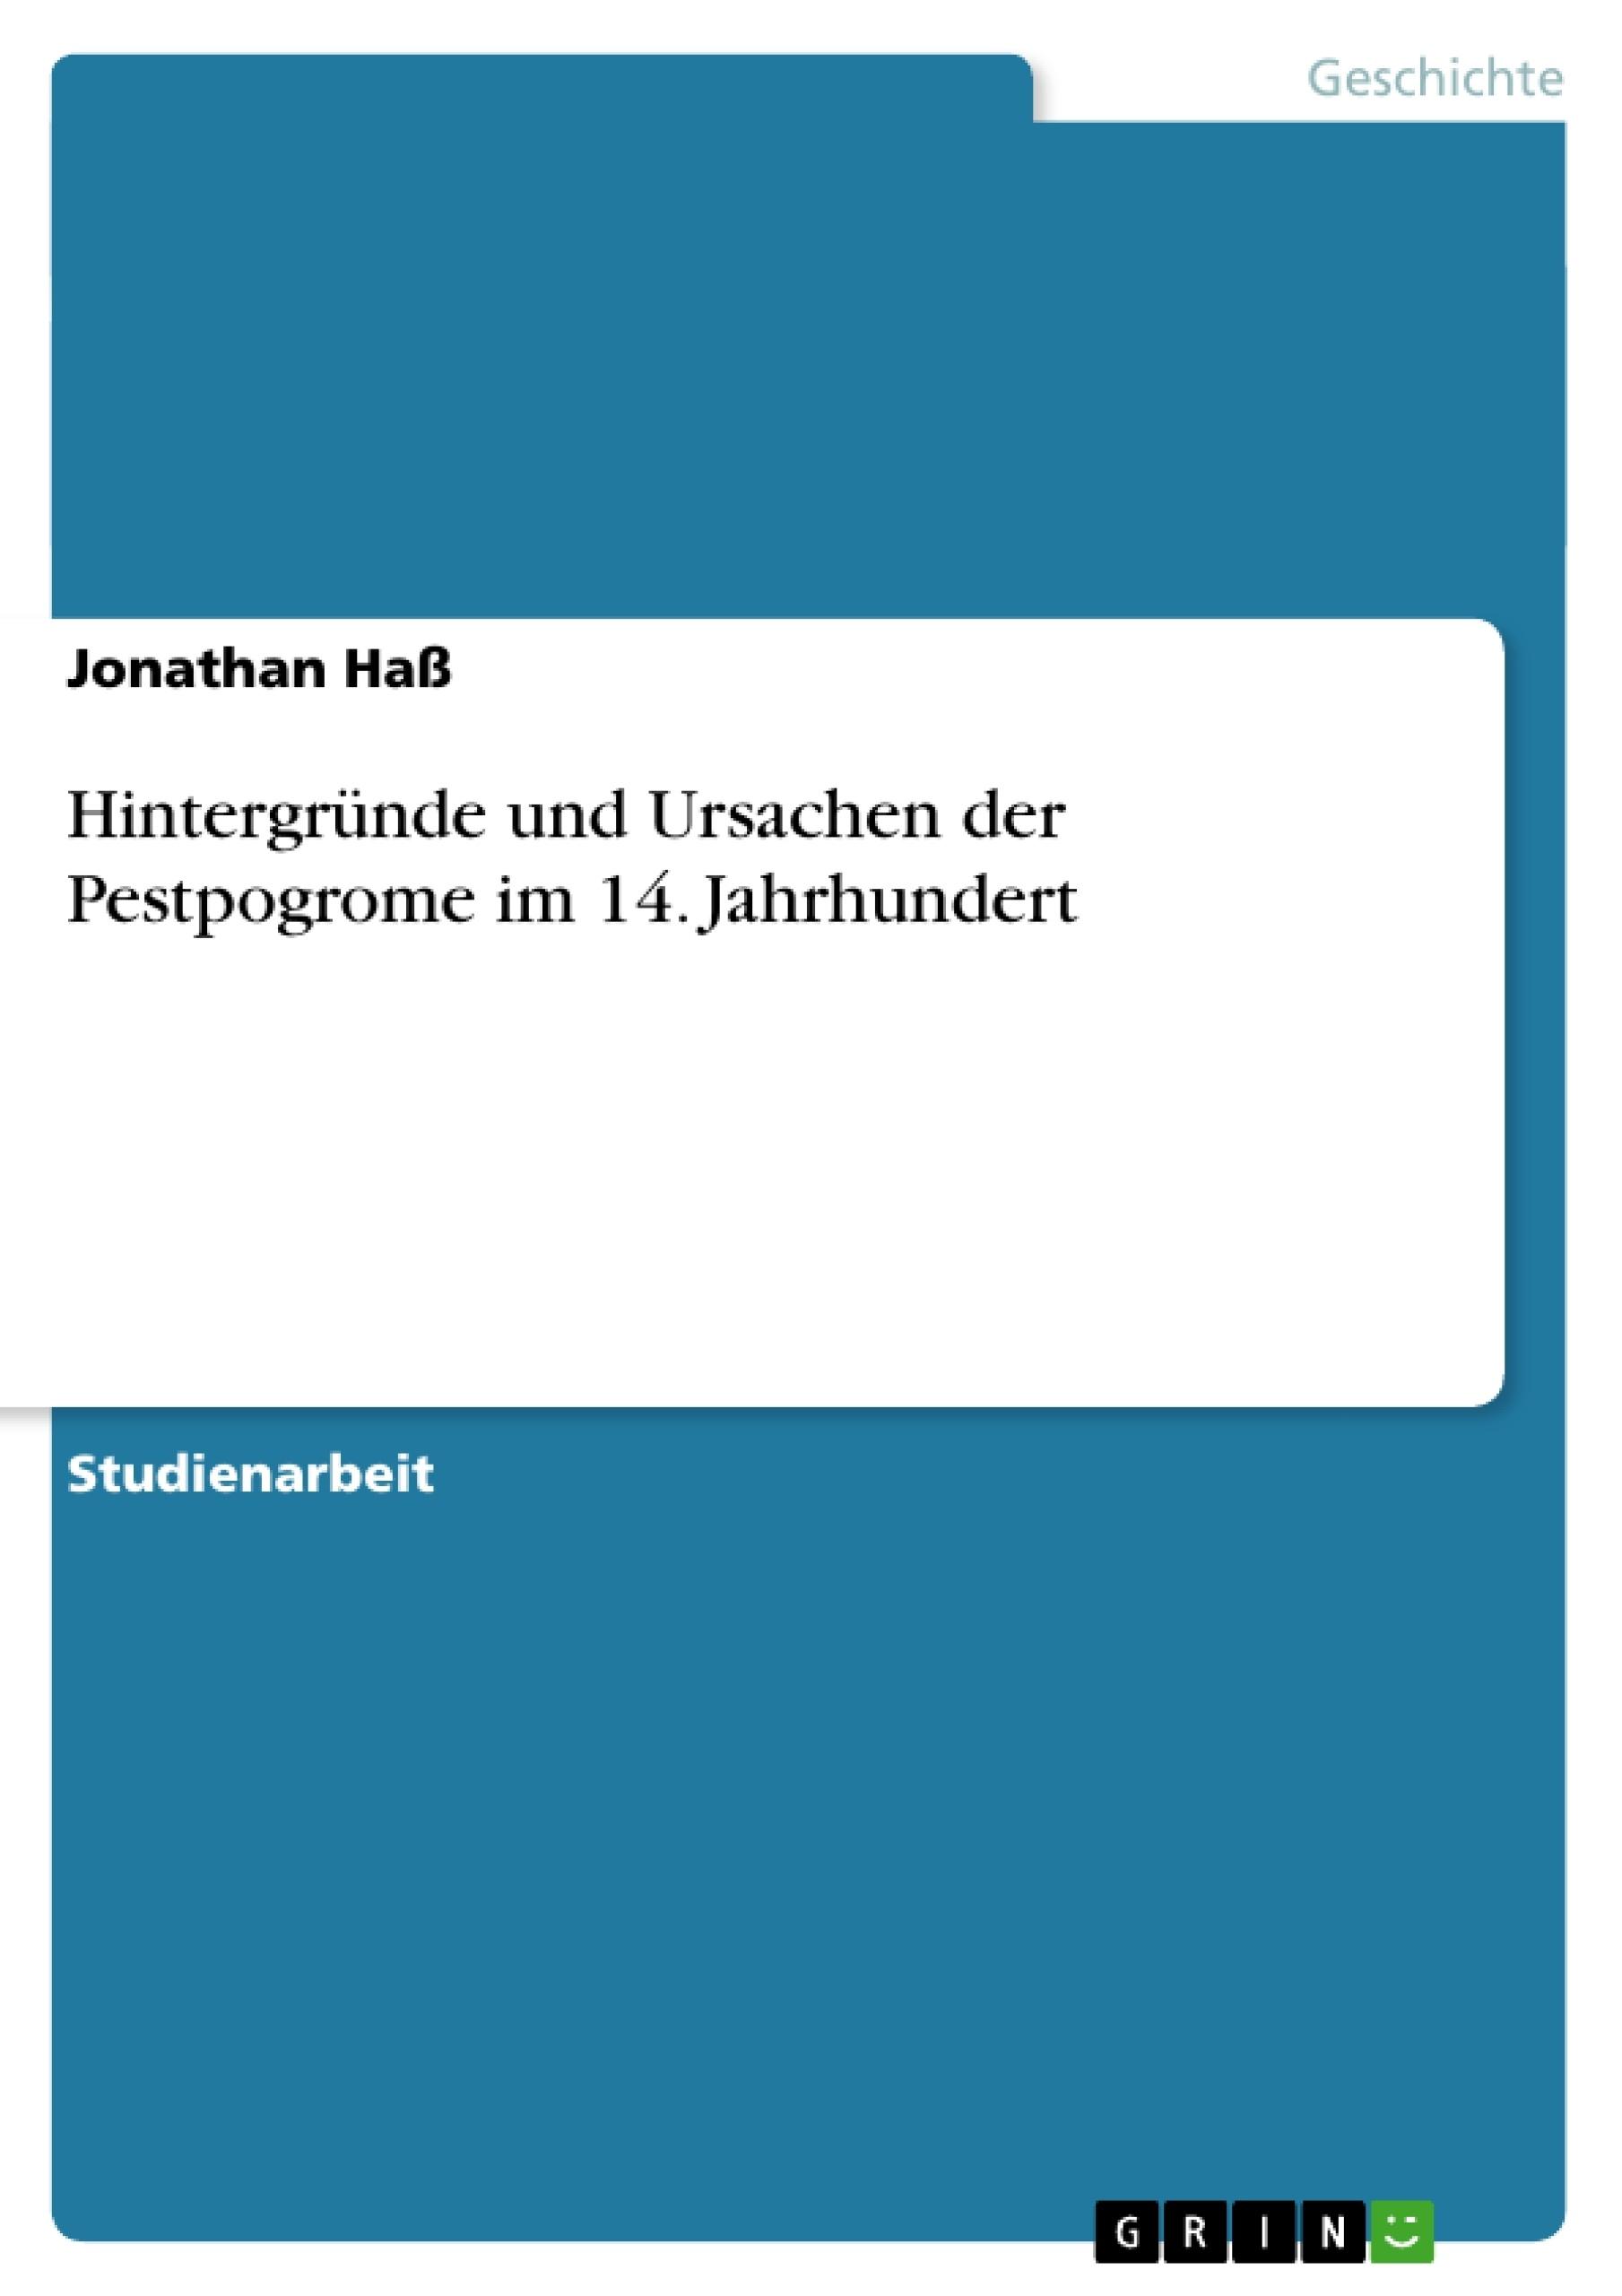 Titel: Hintergründe und Ursachen der Pestpogrome im 14. Jahrhundert